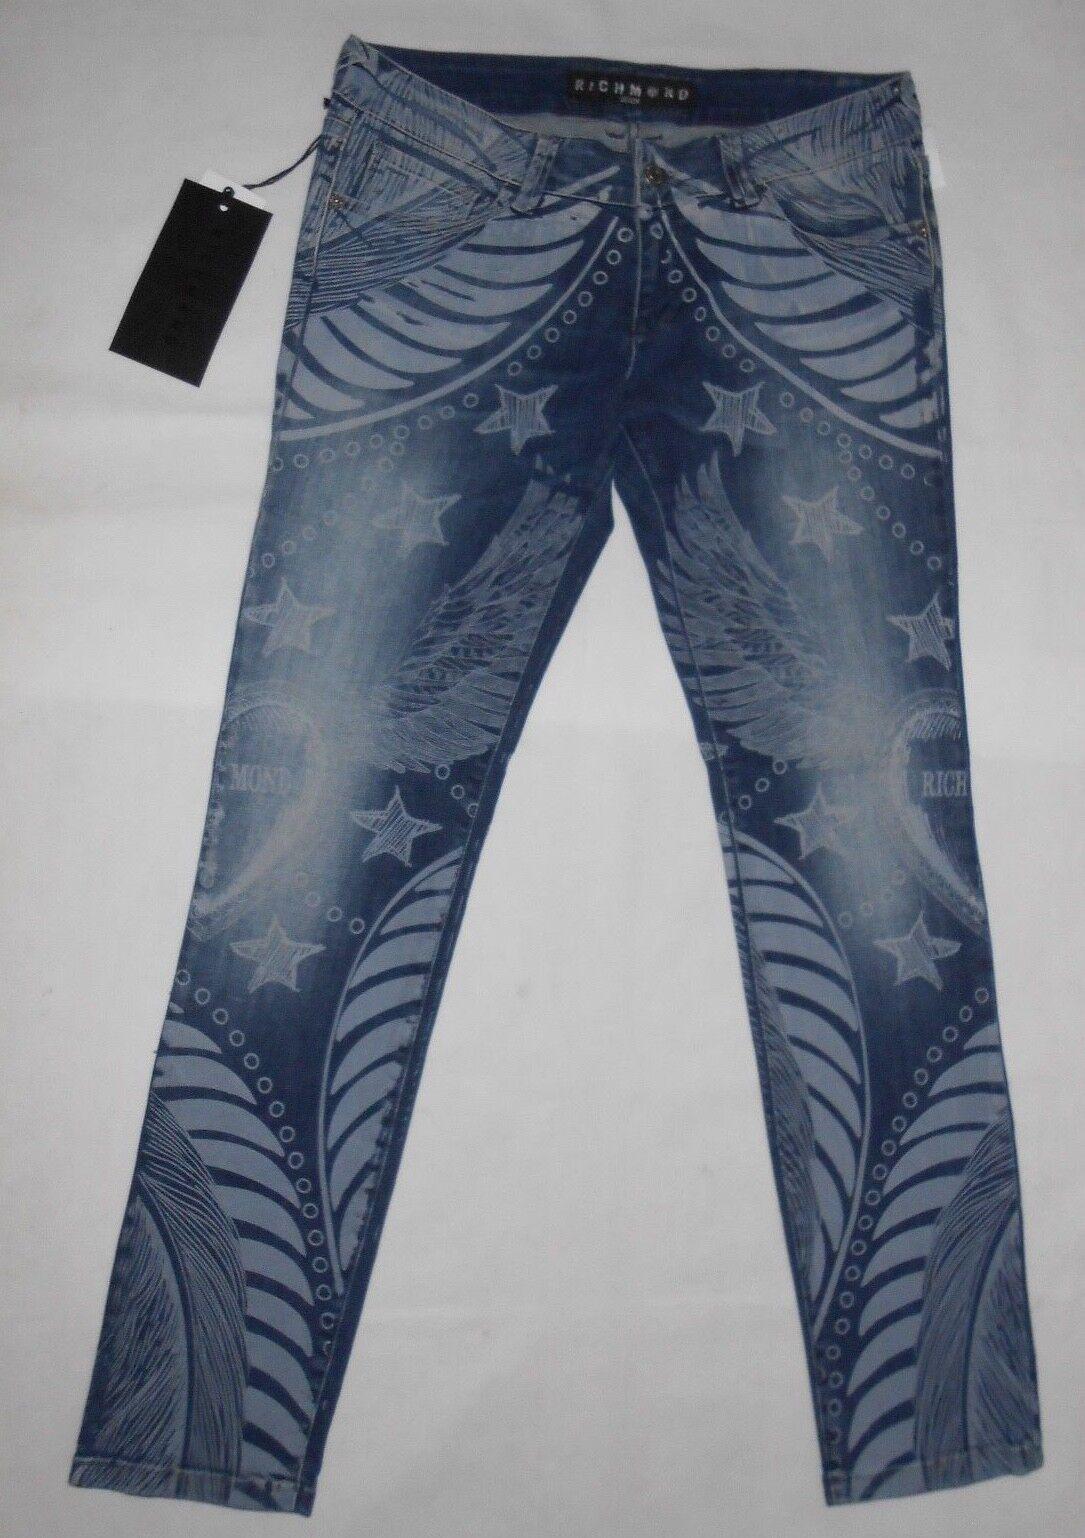 New John Richmond Denim, bluee skinny jeans W29